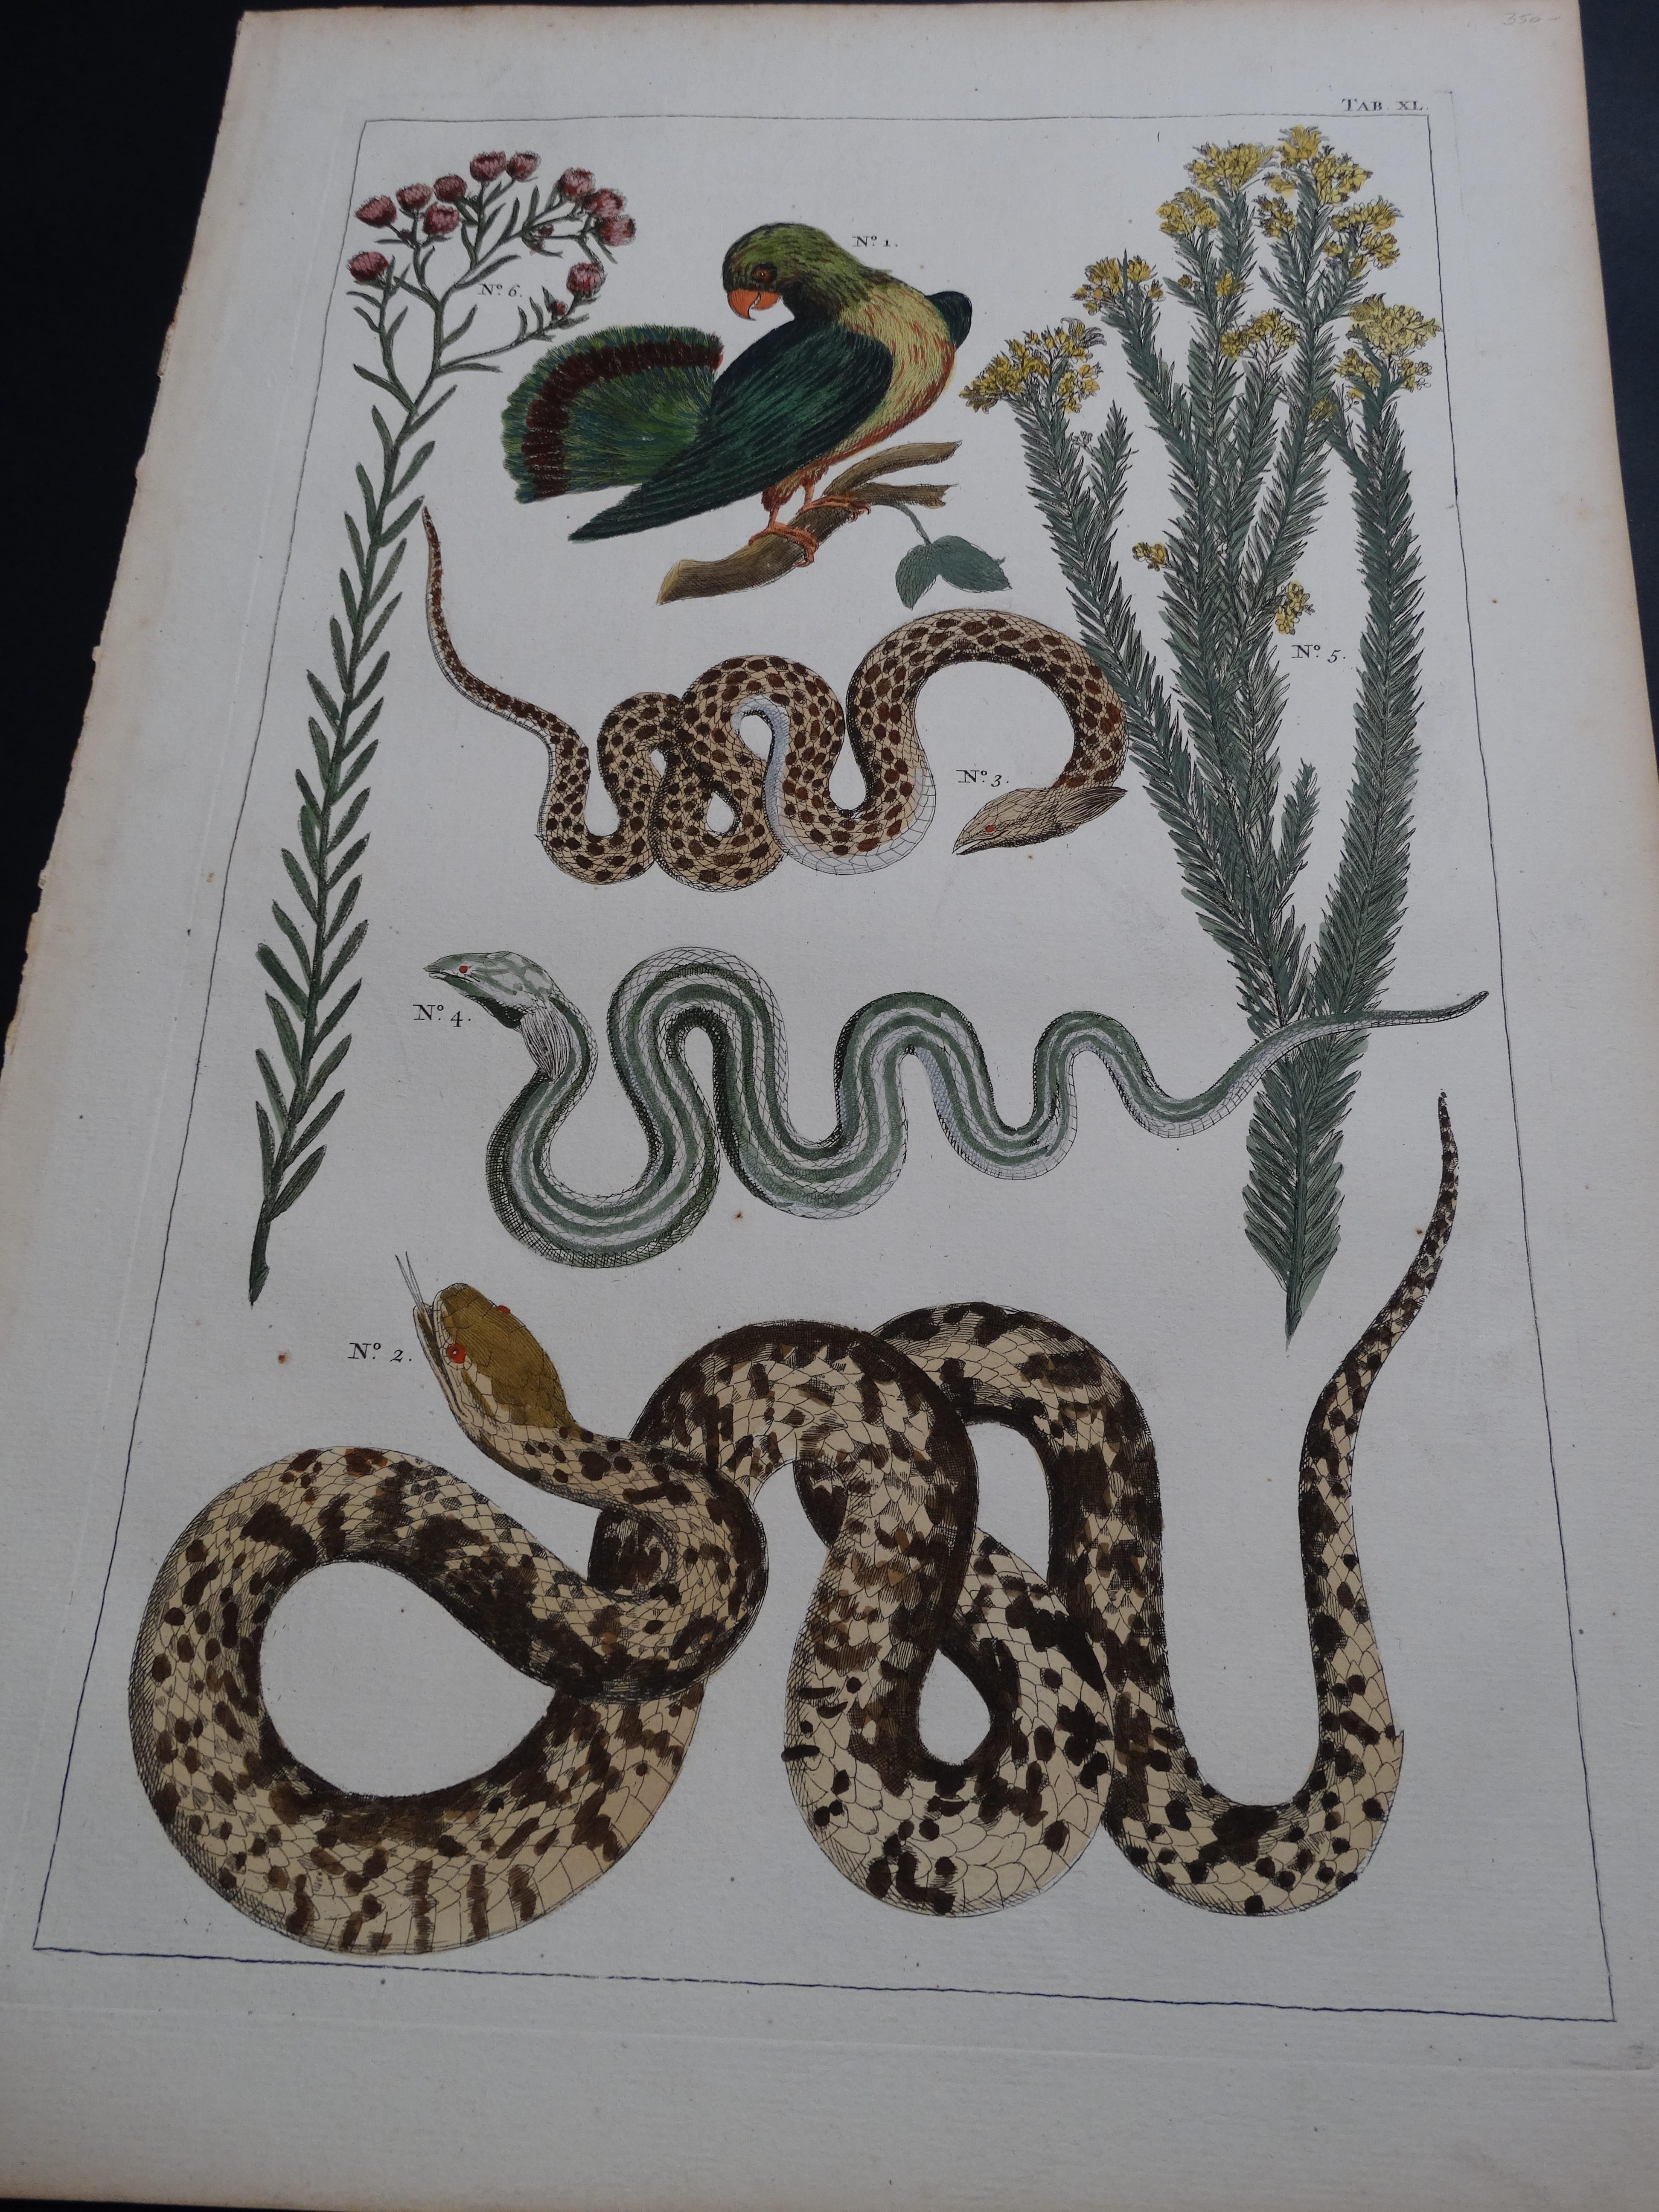 Albertus Seba Snakes Pl. XL